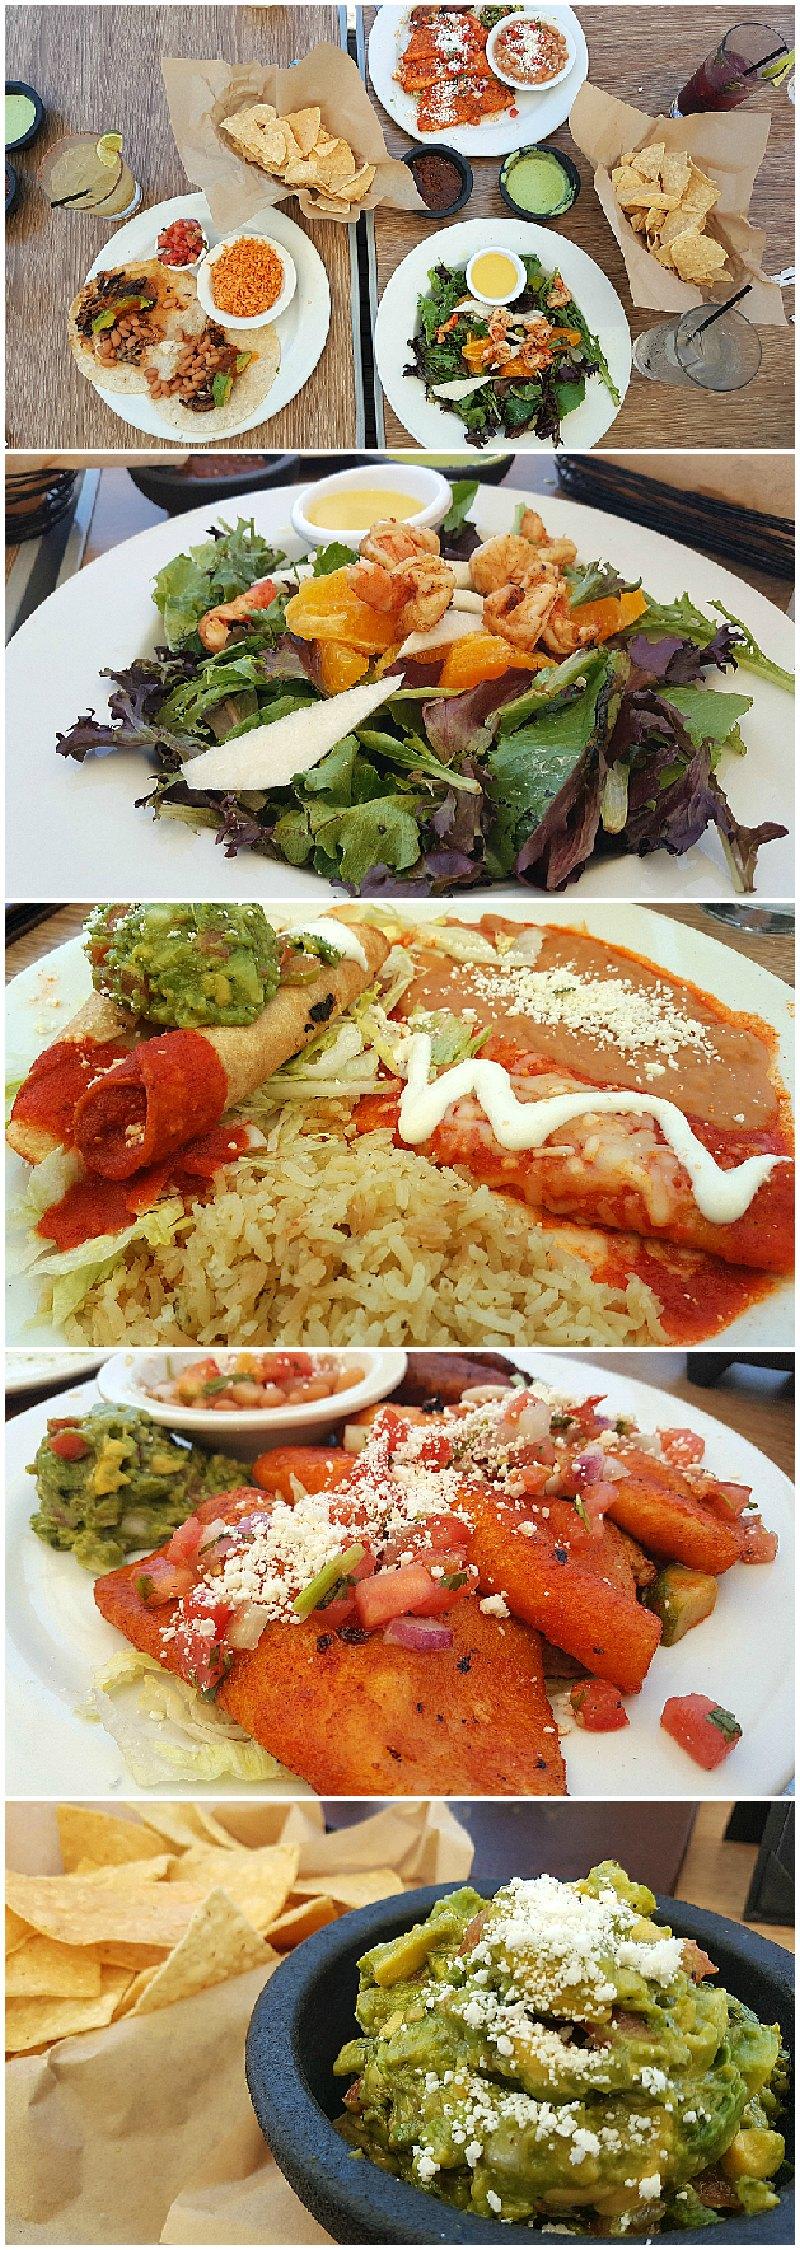 Lolas Mexican Restaurant in Long Beach